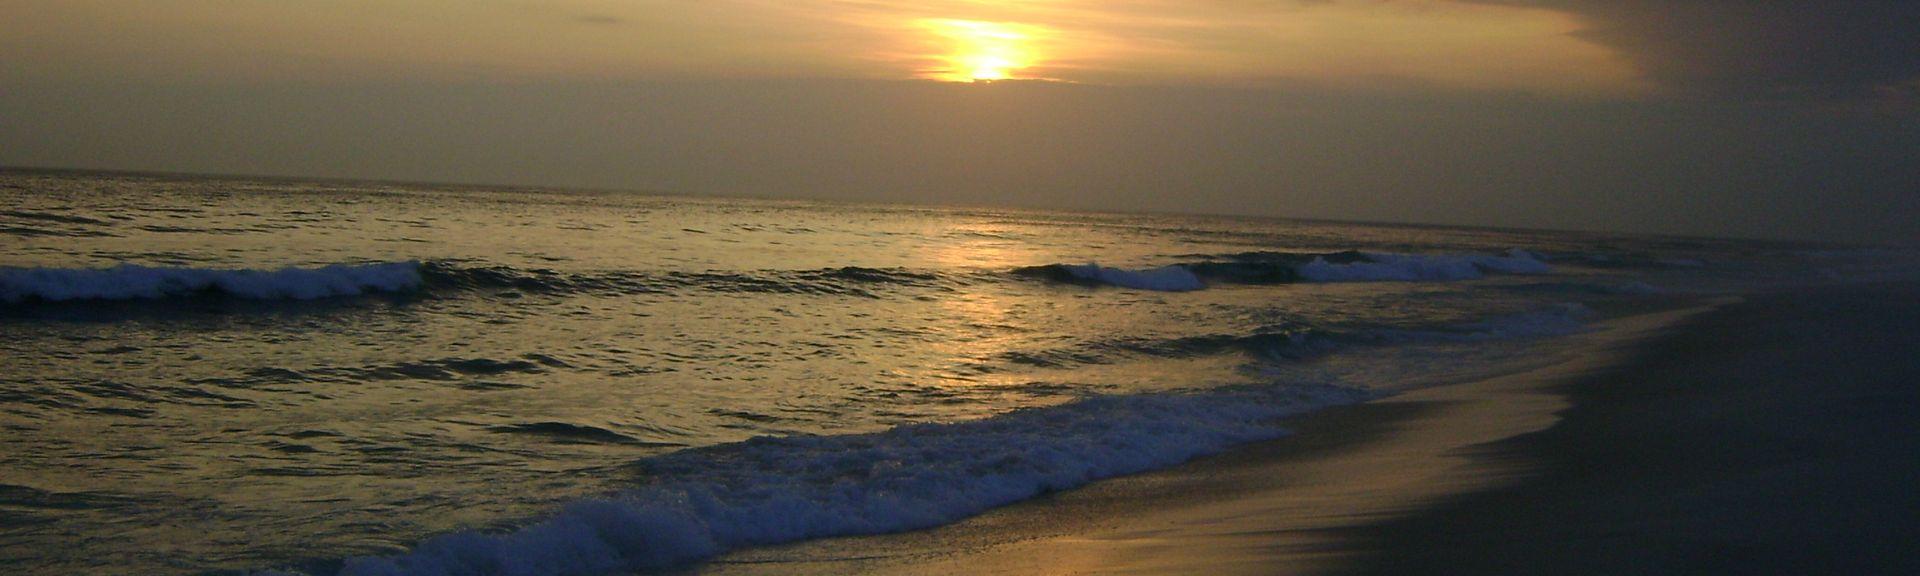 Praia das Palmeiras, Cabo Frio, Região Sudeste, Brasil